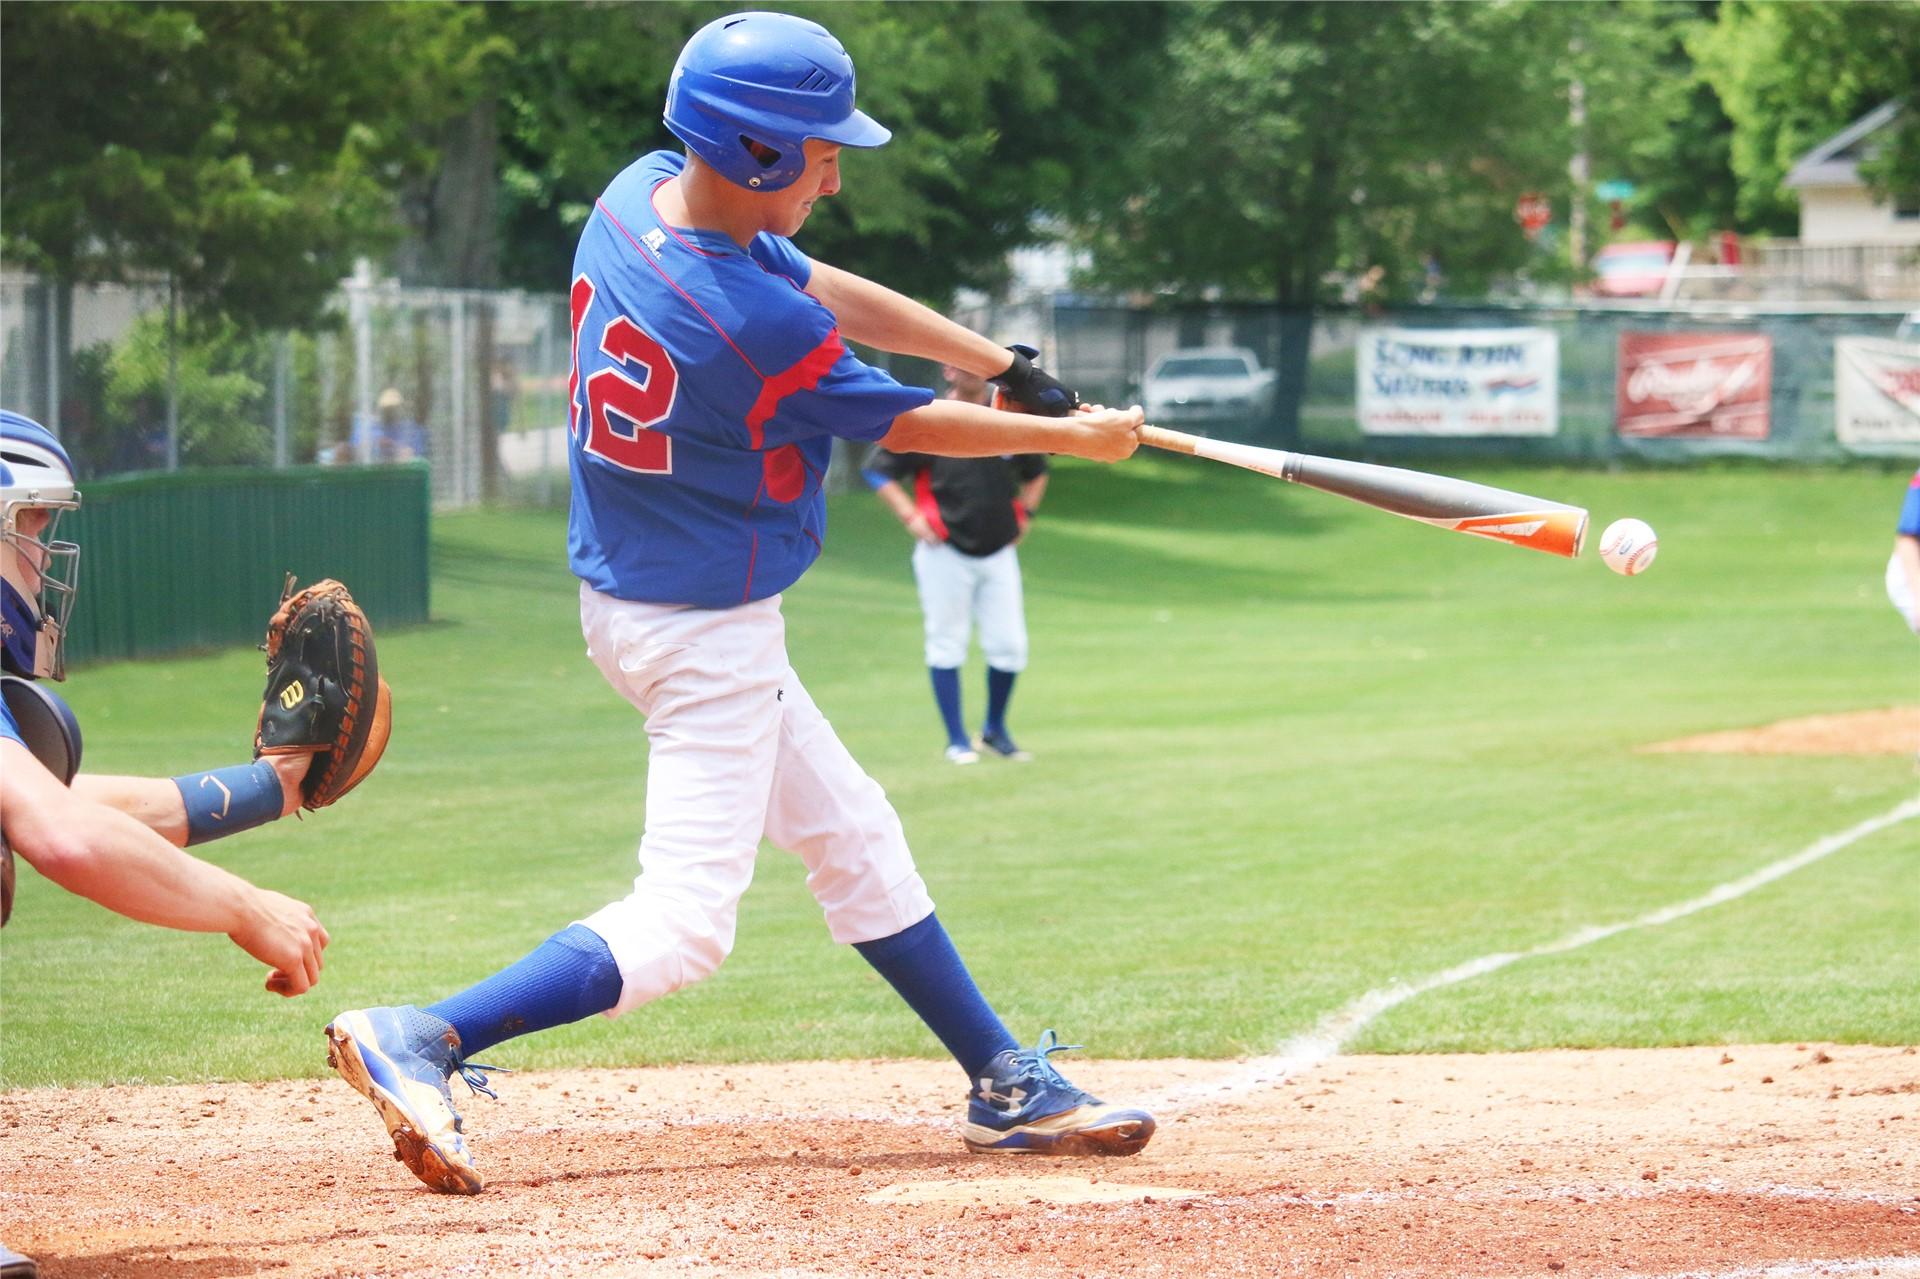 Freshman Brett Rippy takes a cut at the ball.